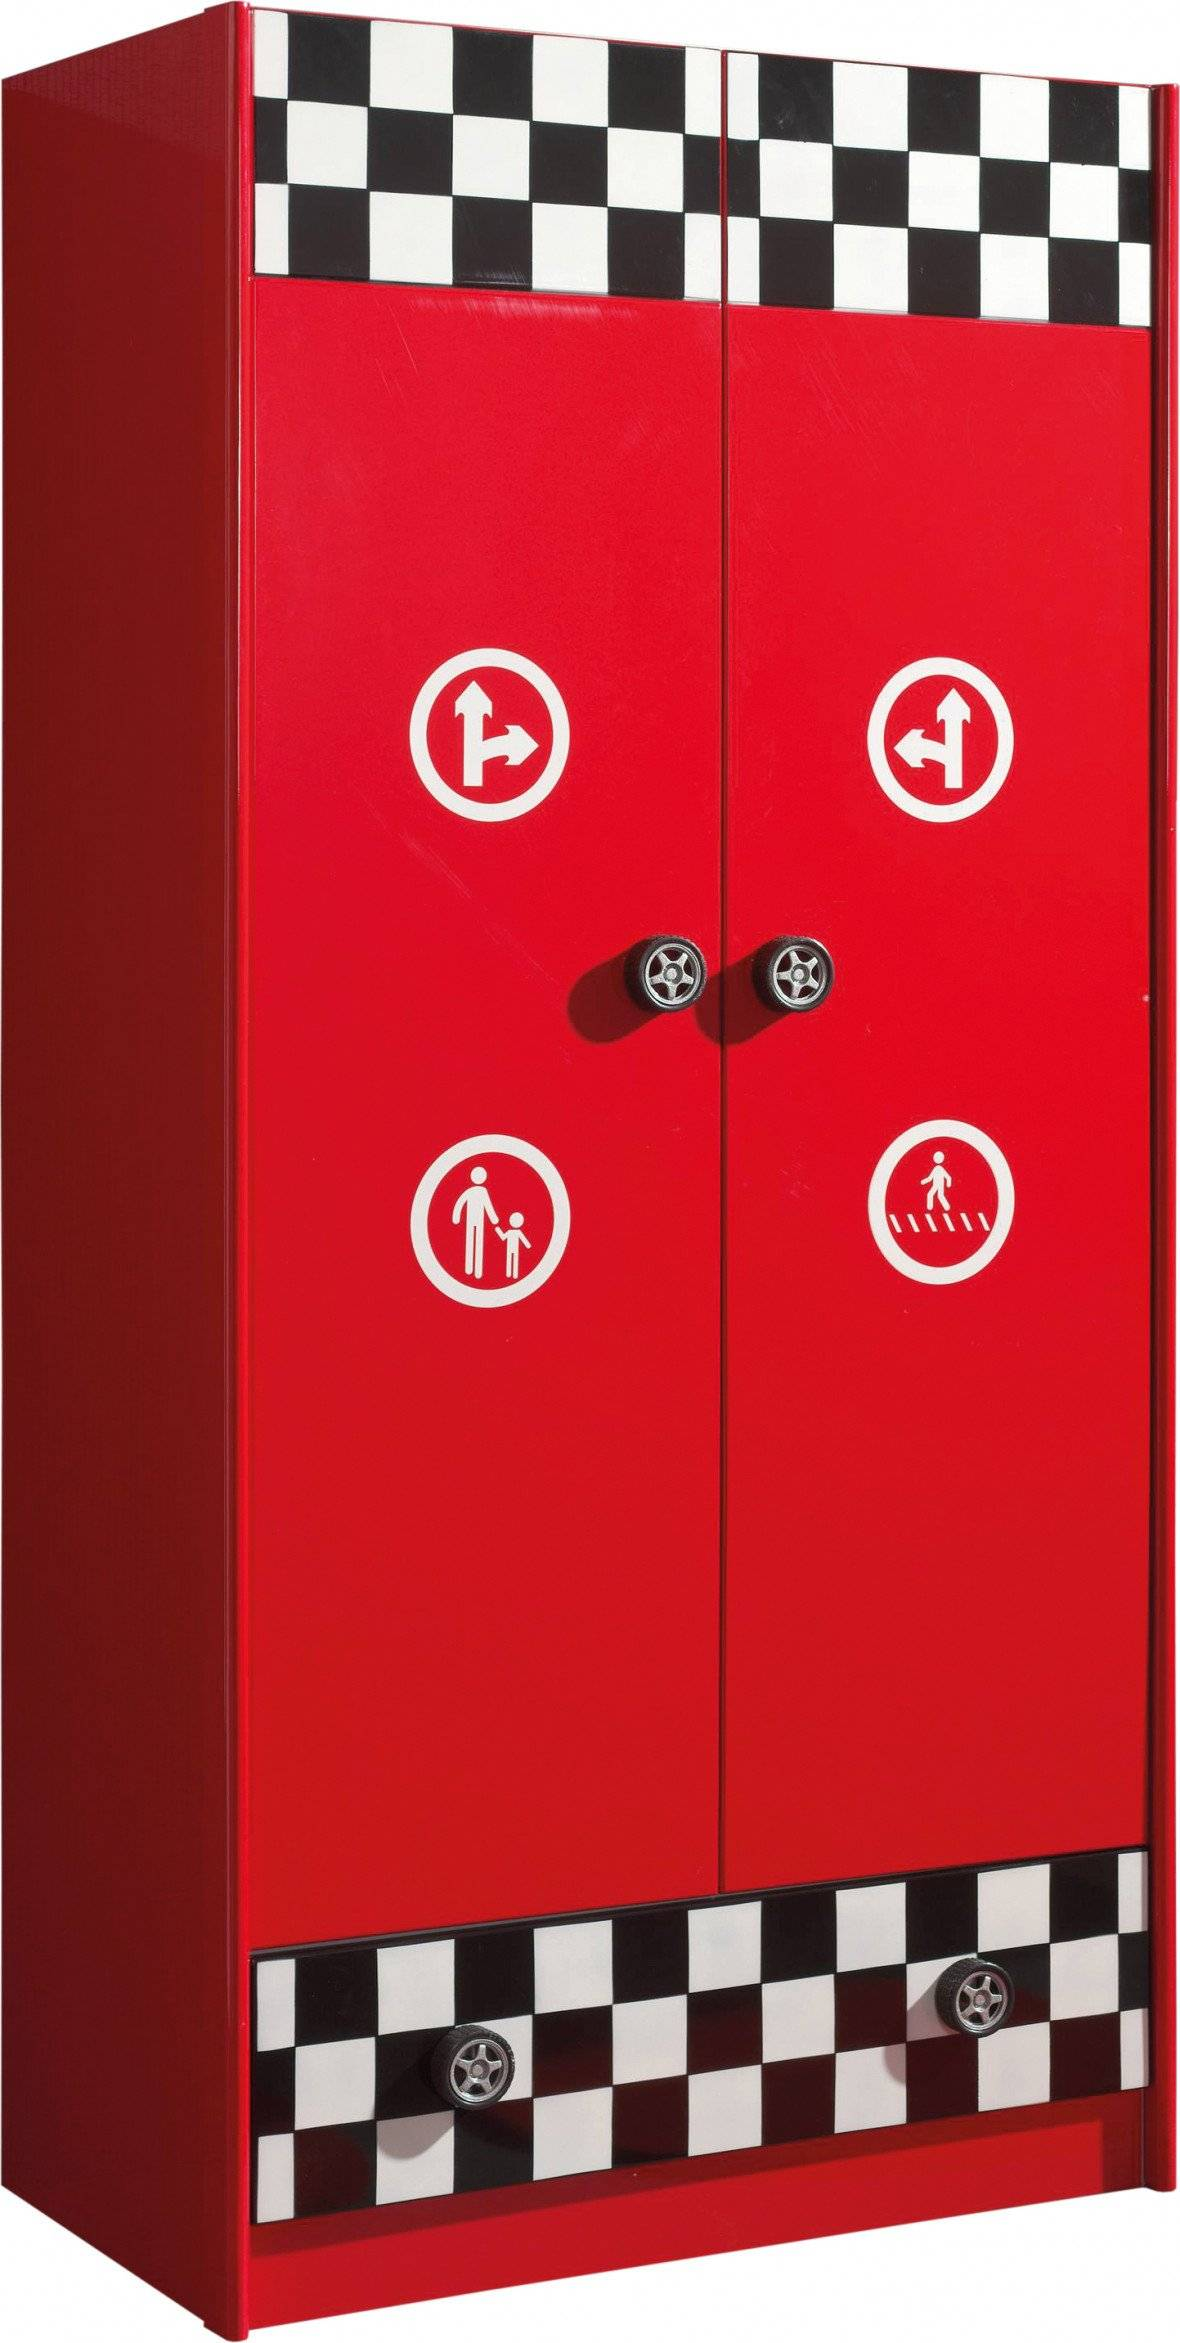 Destock Meubles Armoire enfant pompe essence rouge 2 portes 1 tiroir